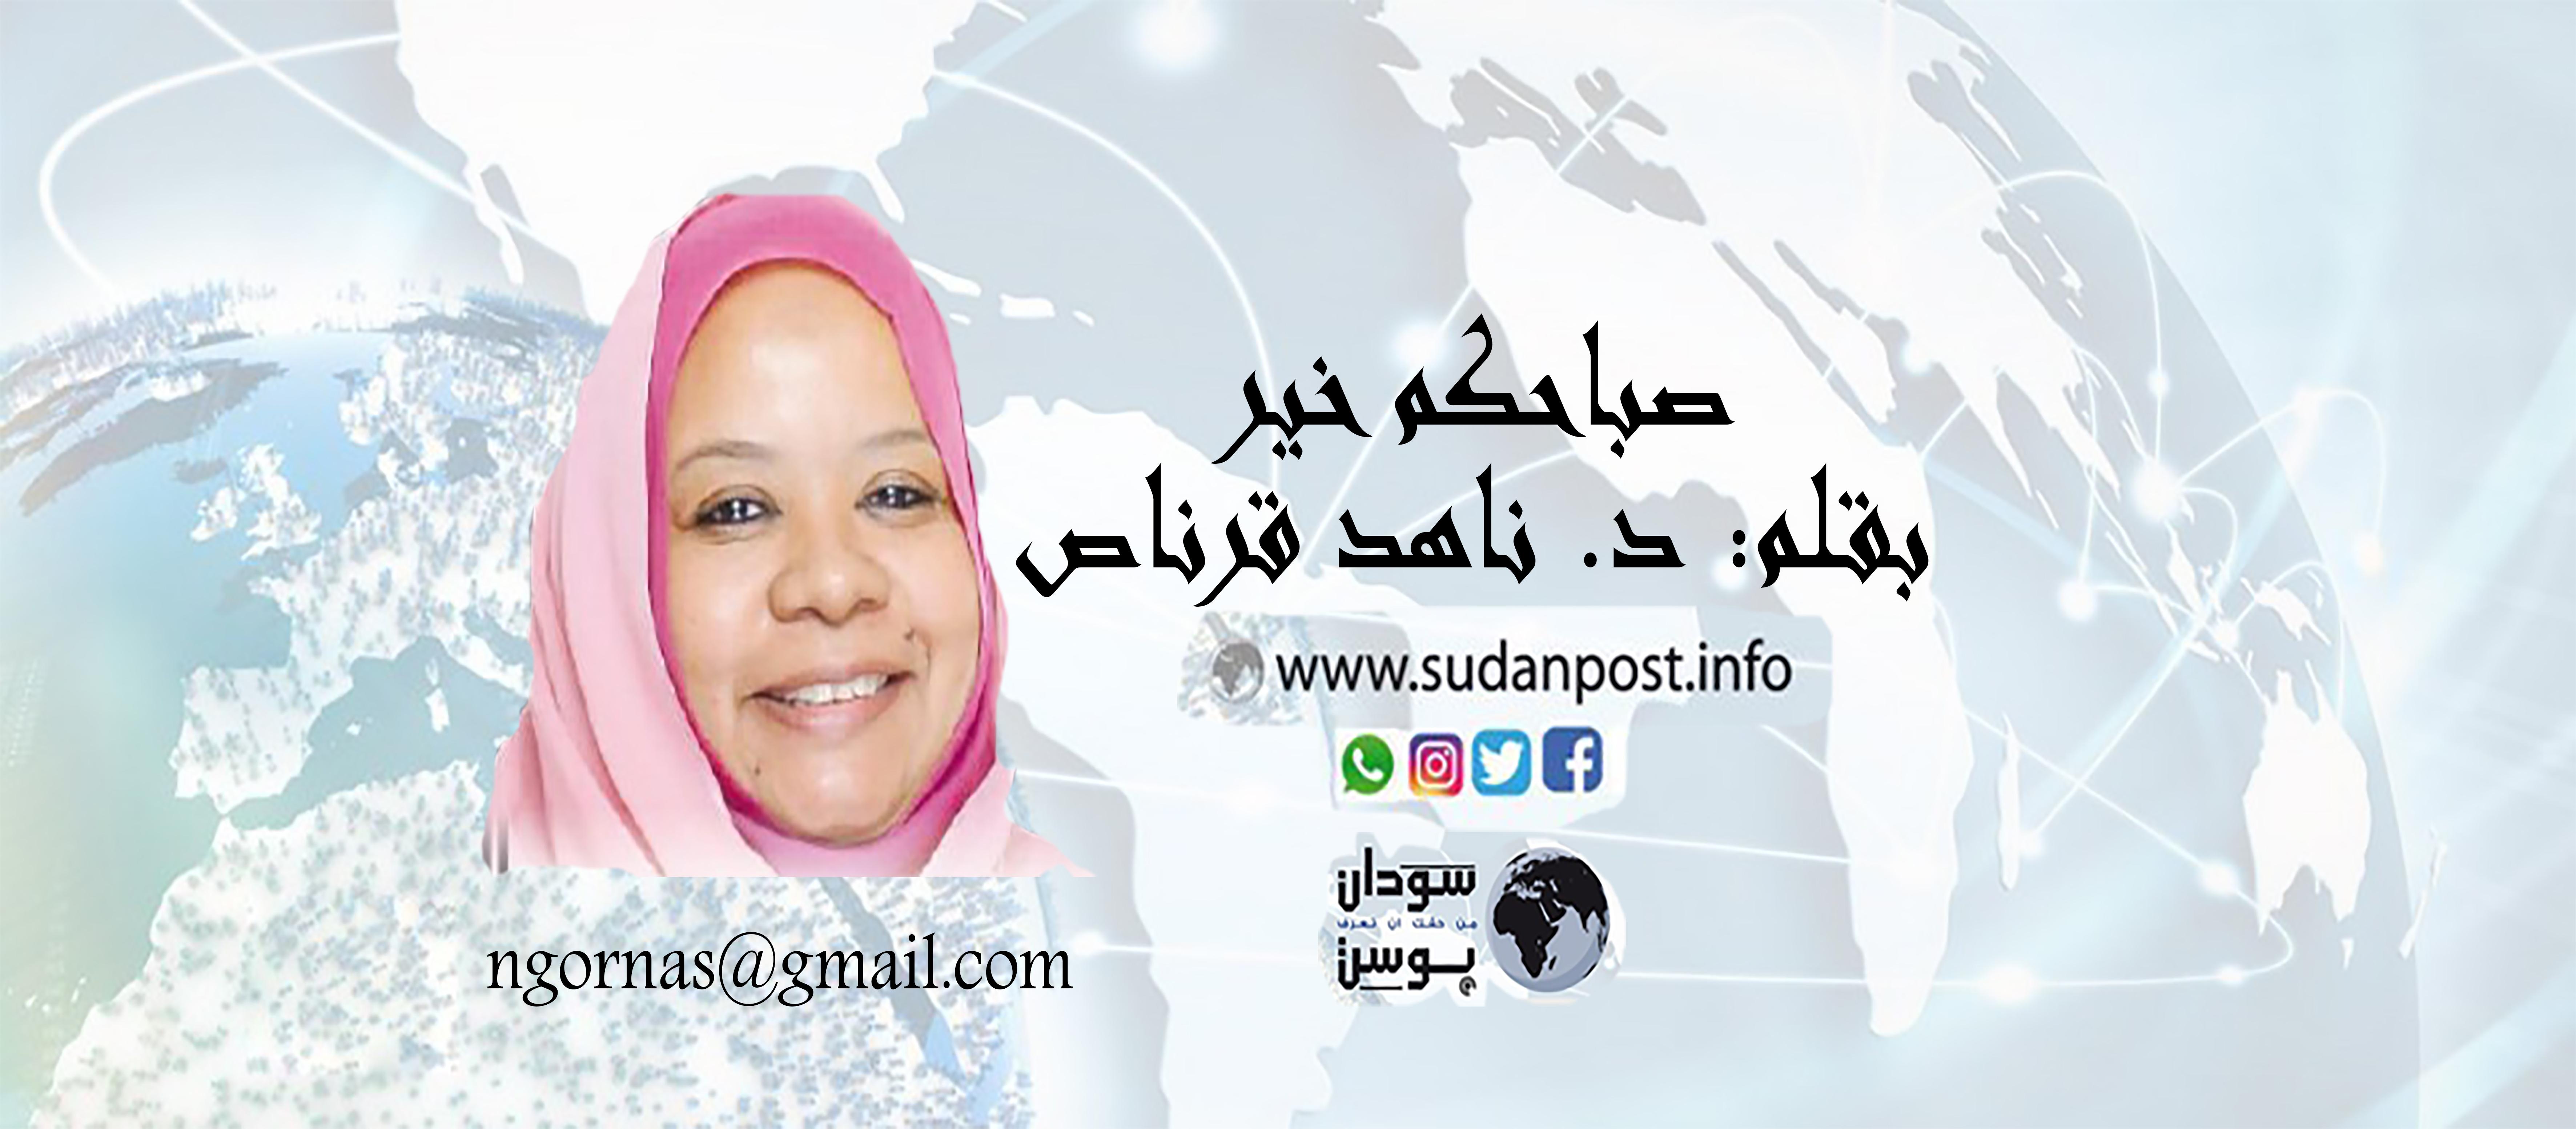 صباحكم خير … بقلم: د ناهد قرناص .. سوداني ..وخليك سوداني